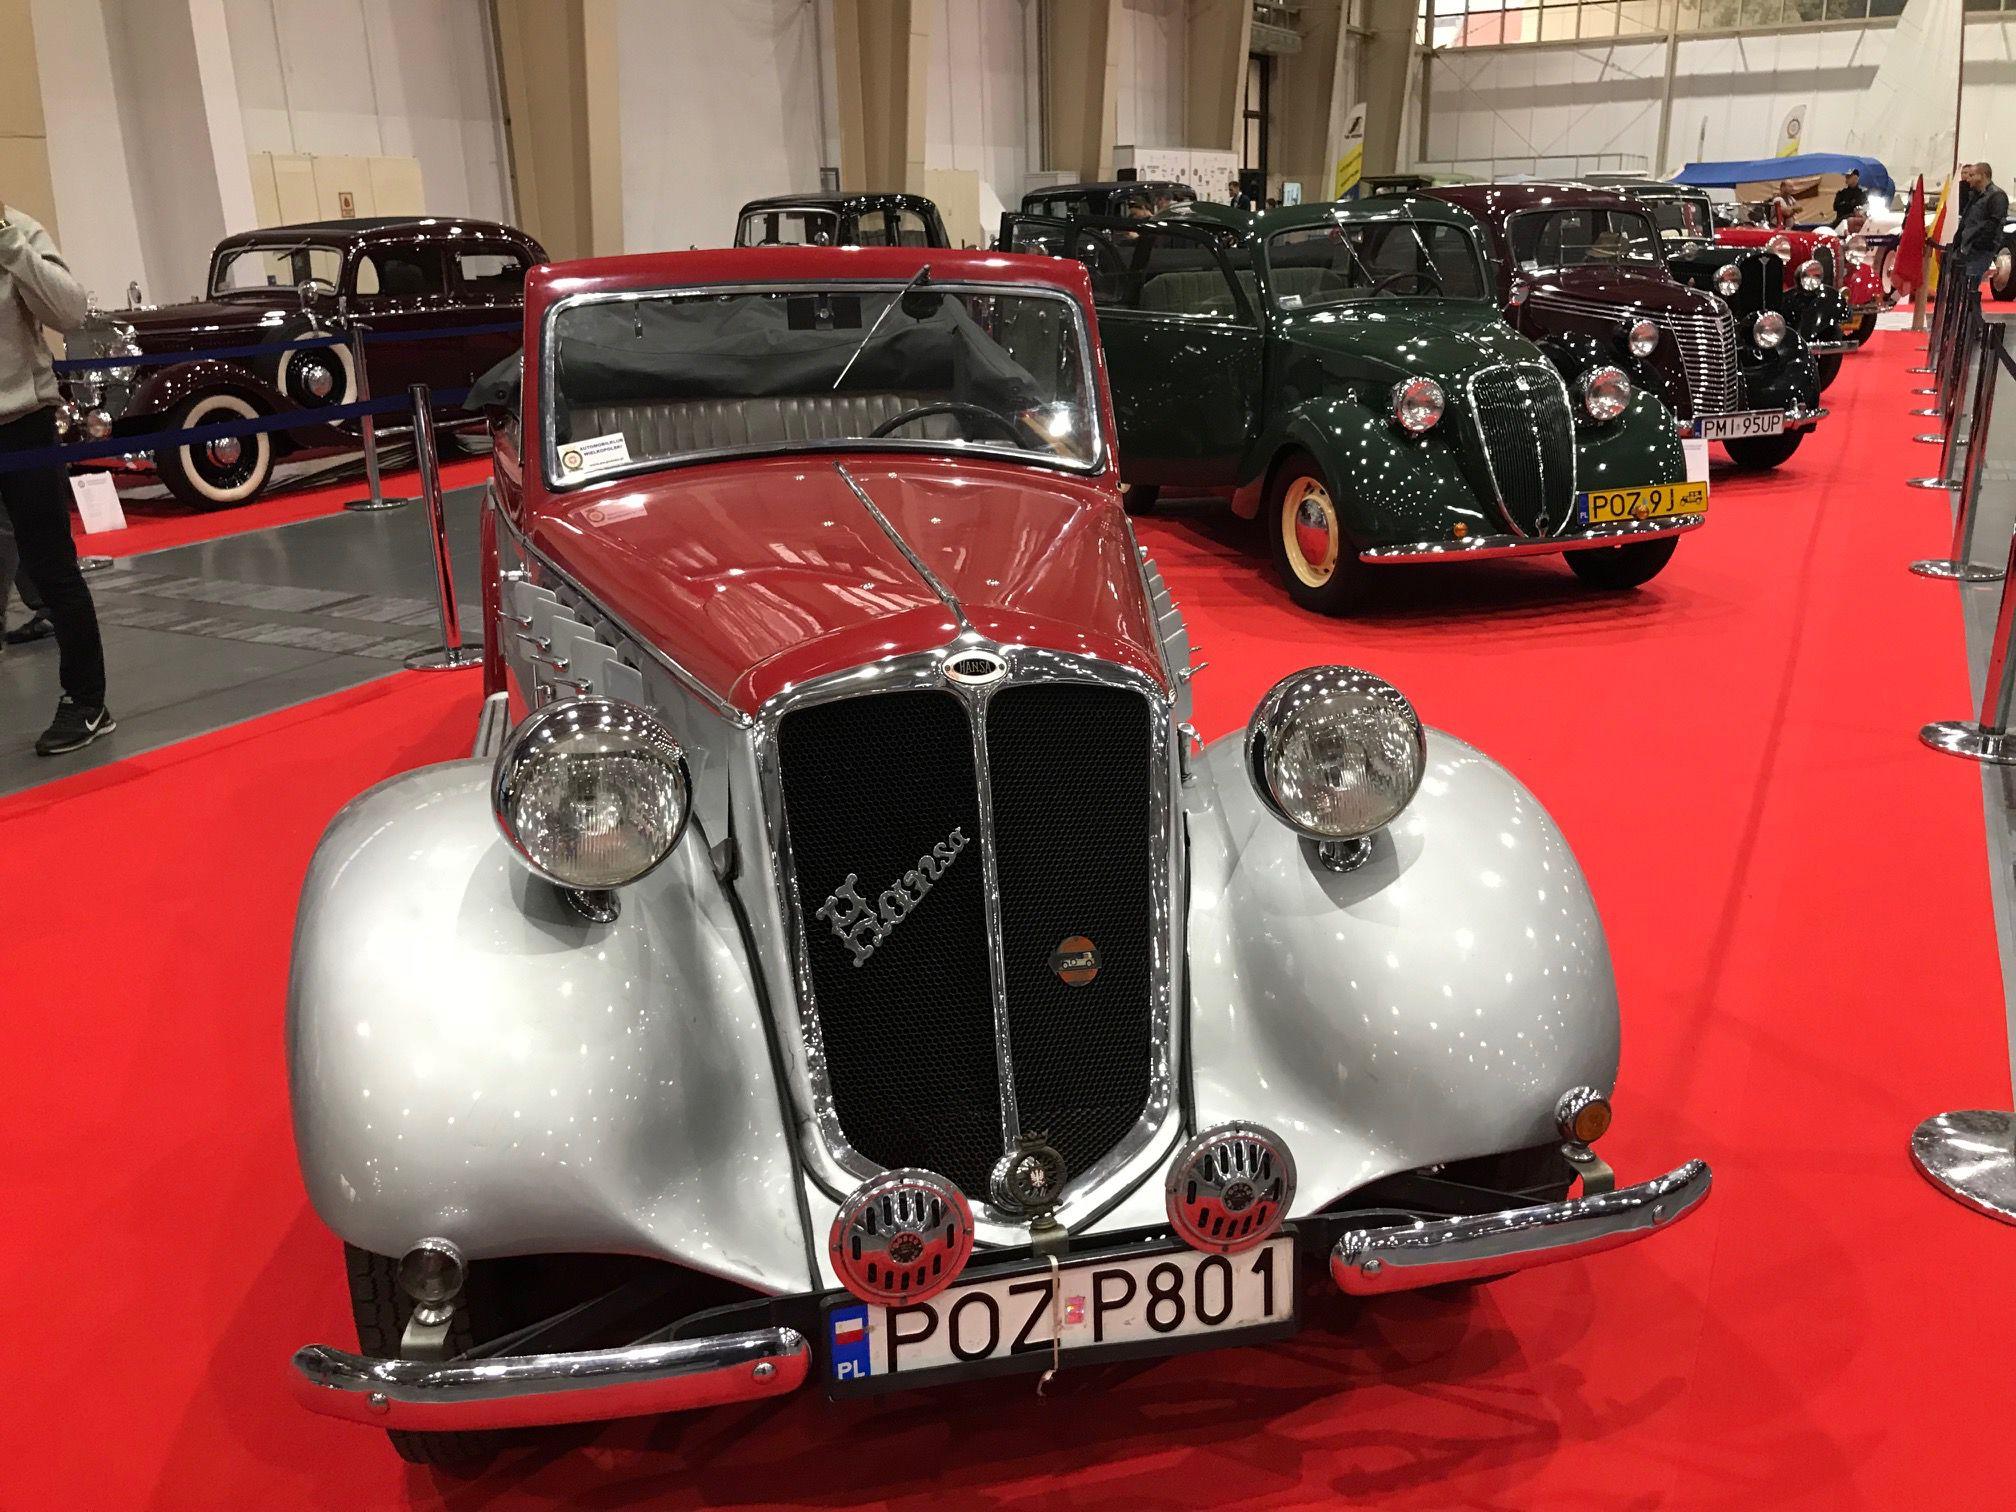 Trwa Retro Motor Show. Samochodowe klasyki przyciągają fanów w każdym wieku